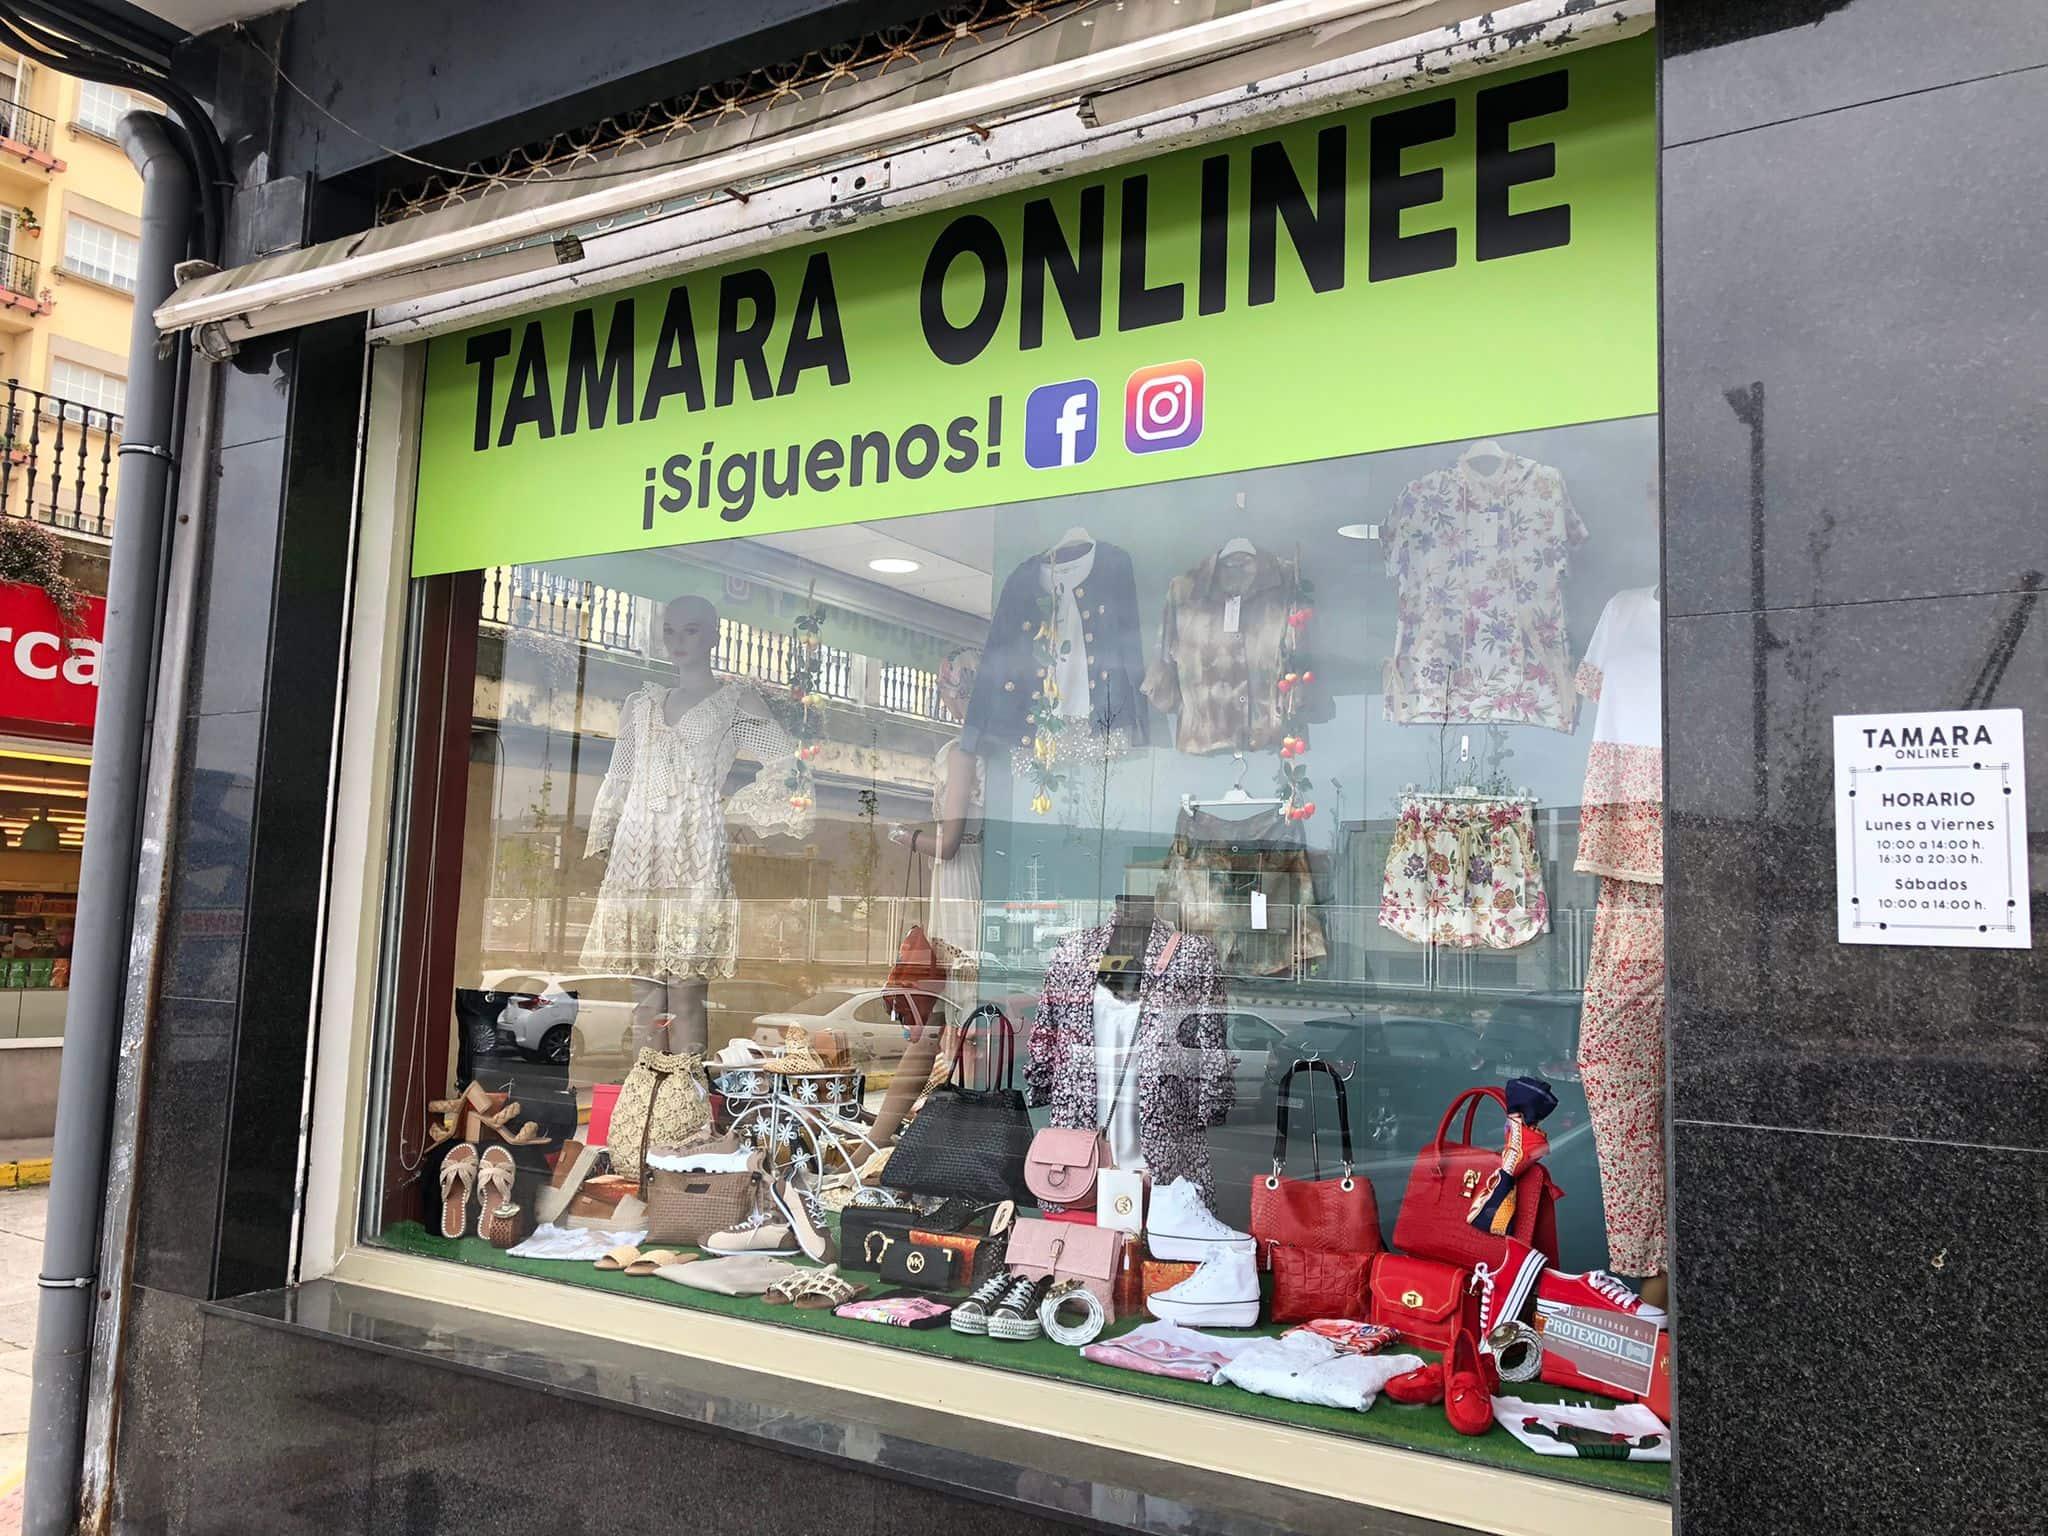 TAMARA ONLINE